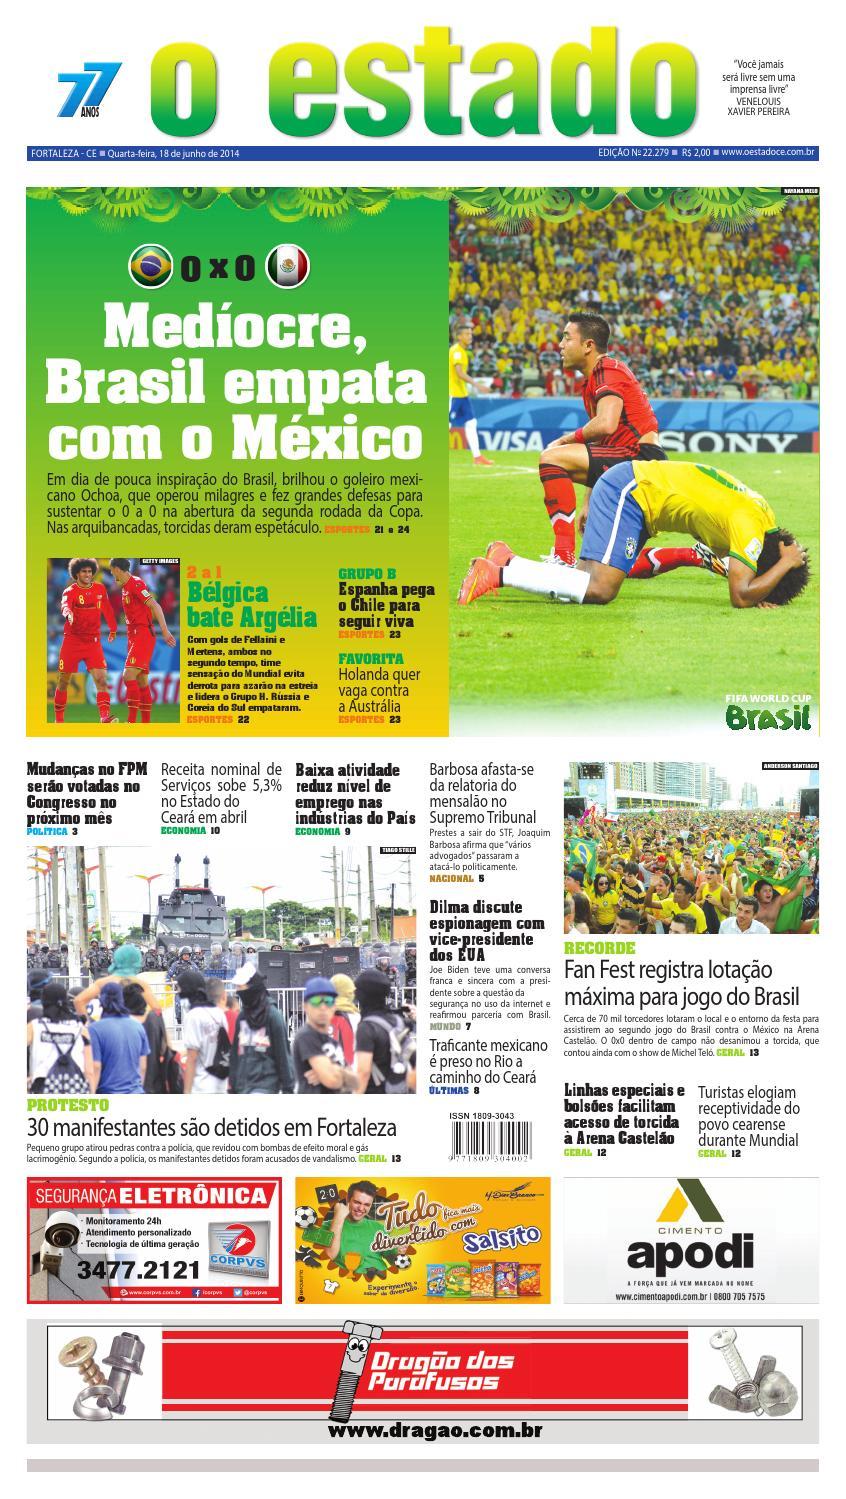 46e150f5c24f5 Edição 22279 - 18 de junho de 2014 by Jornal O Estado (Ceará) - issuu